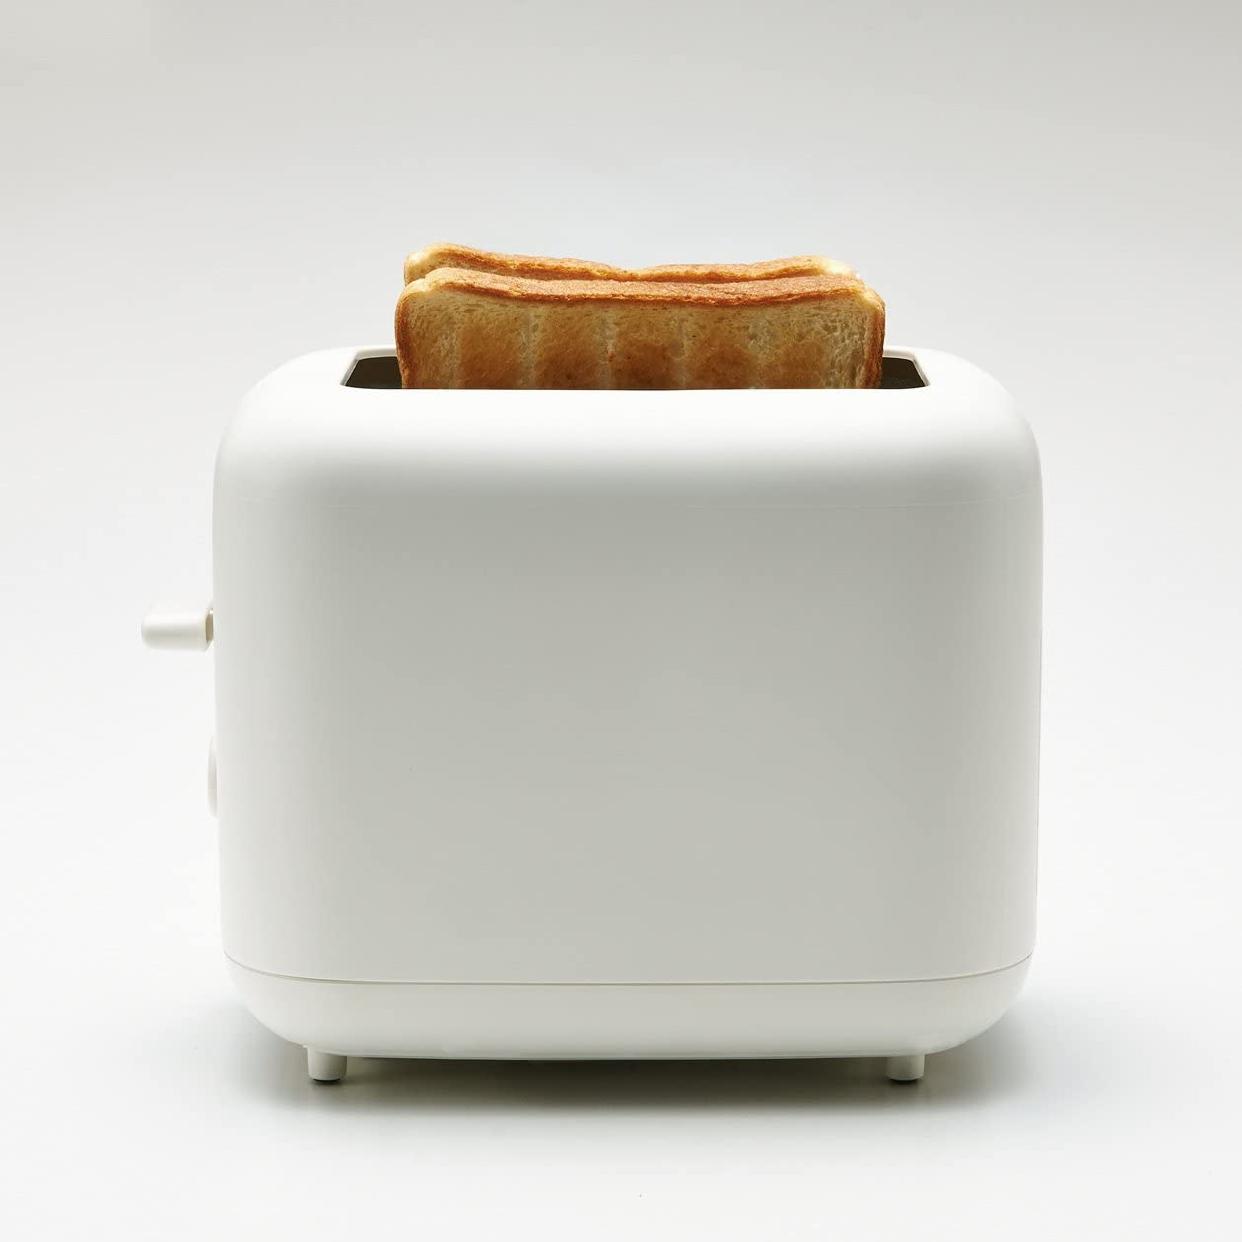 無印良品(MUJI) ポップアップトースター ホワイト MJ-PT6Aの商品画像2